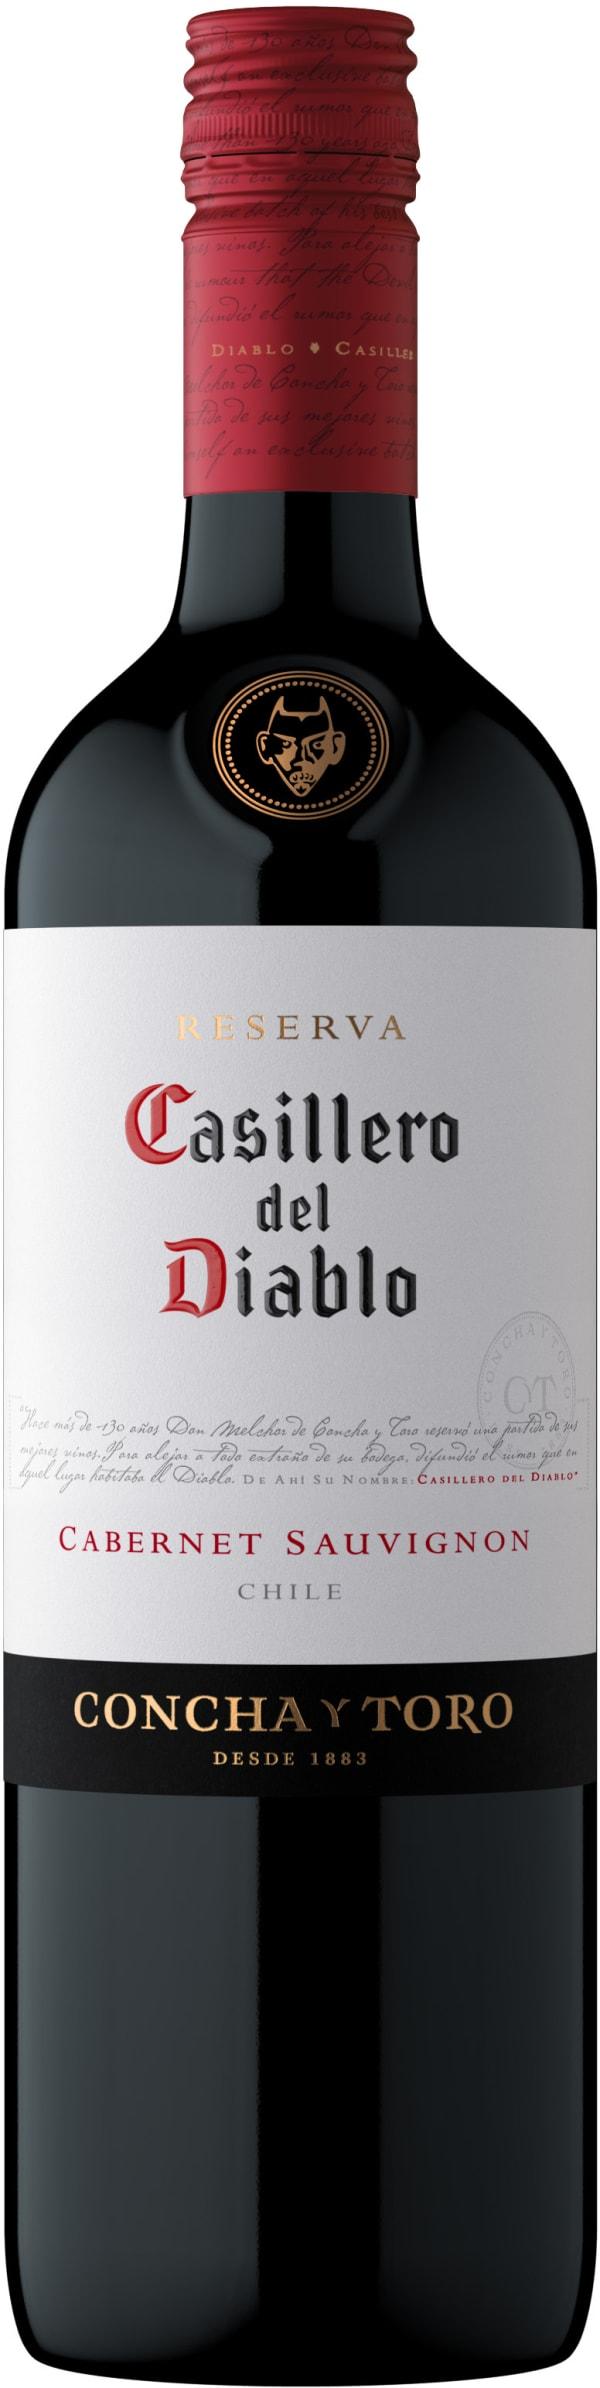 Casillero del Diablo Cabernet Sauvignon Reserva 2016